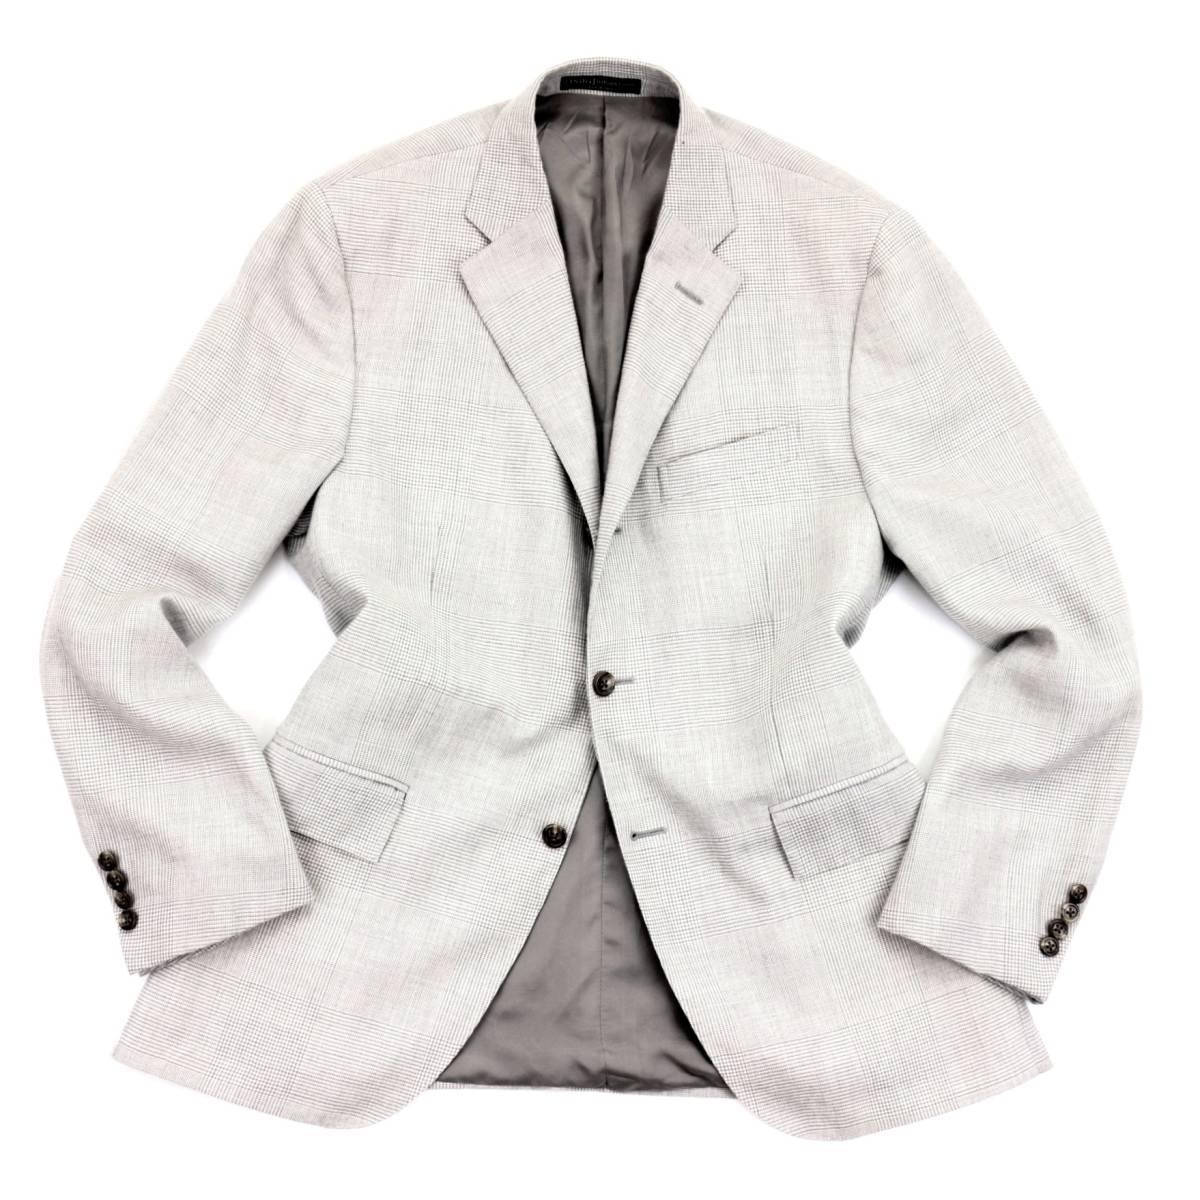 驚愕のカシミヤ100%◎!!! ラルフローレン 秋冬 イタリア製 最高級カシミヤ100%を贅沢に使用した!贅を極めた極上ジャケット 42 XL程度